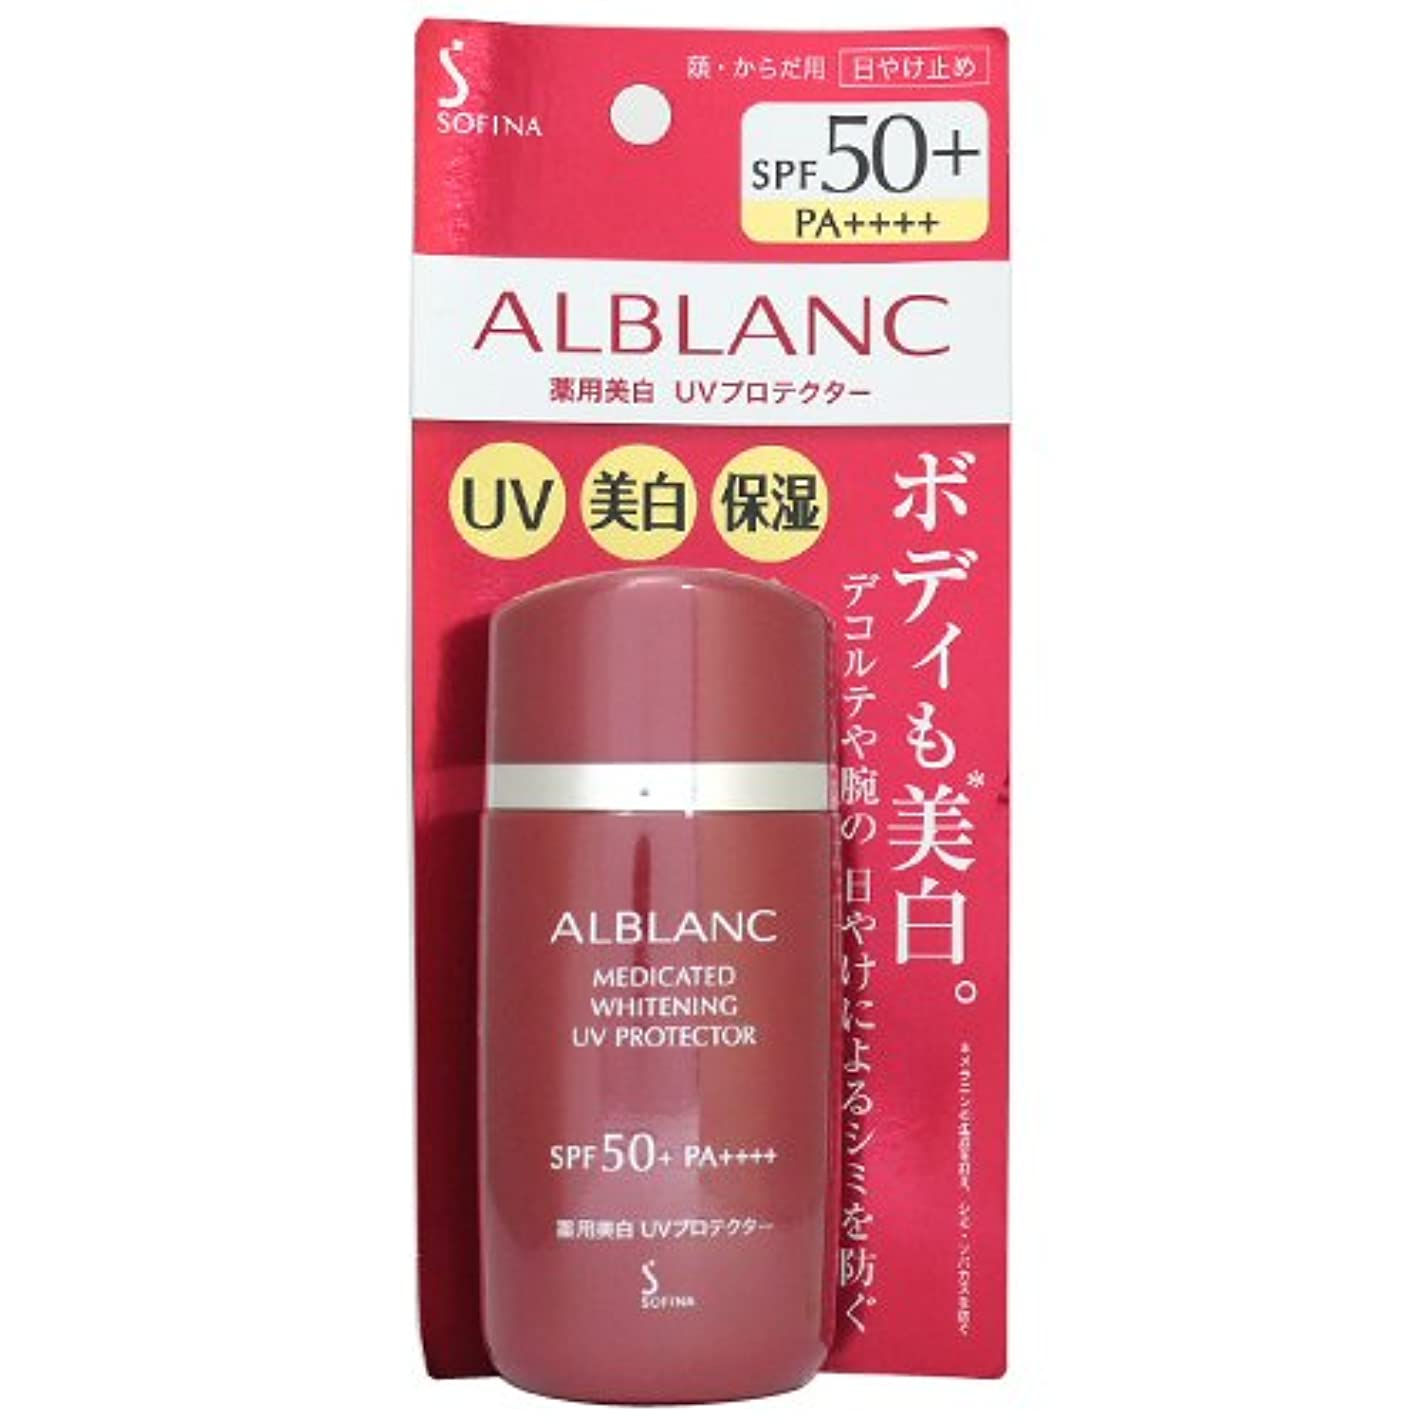 不一致ピボットストッキングカオウ 花王アルブラン 薬用美白UVプロテクター SPF50+?PA++++ 60mL